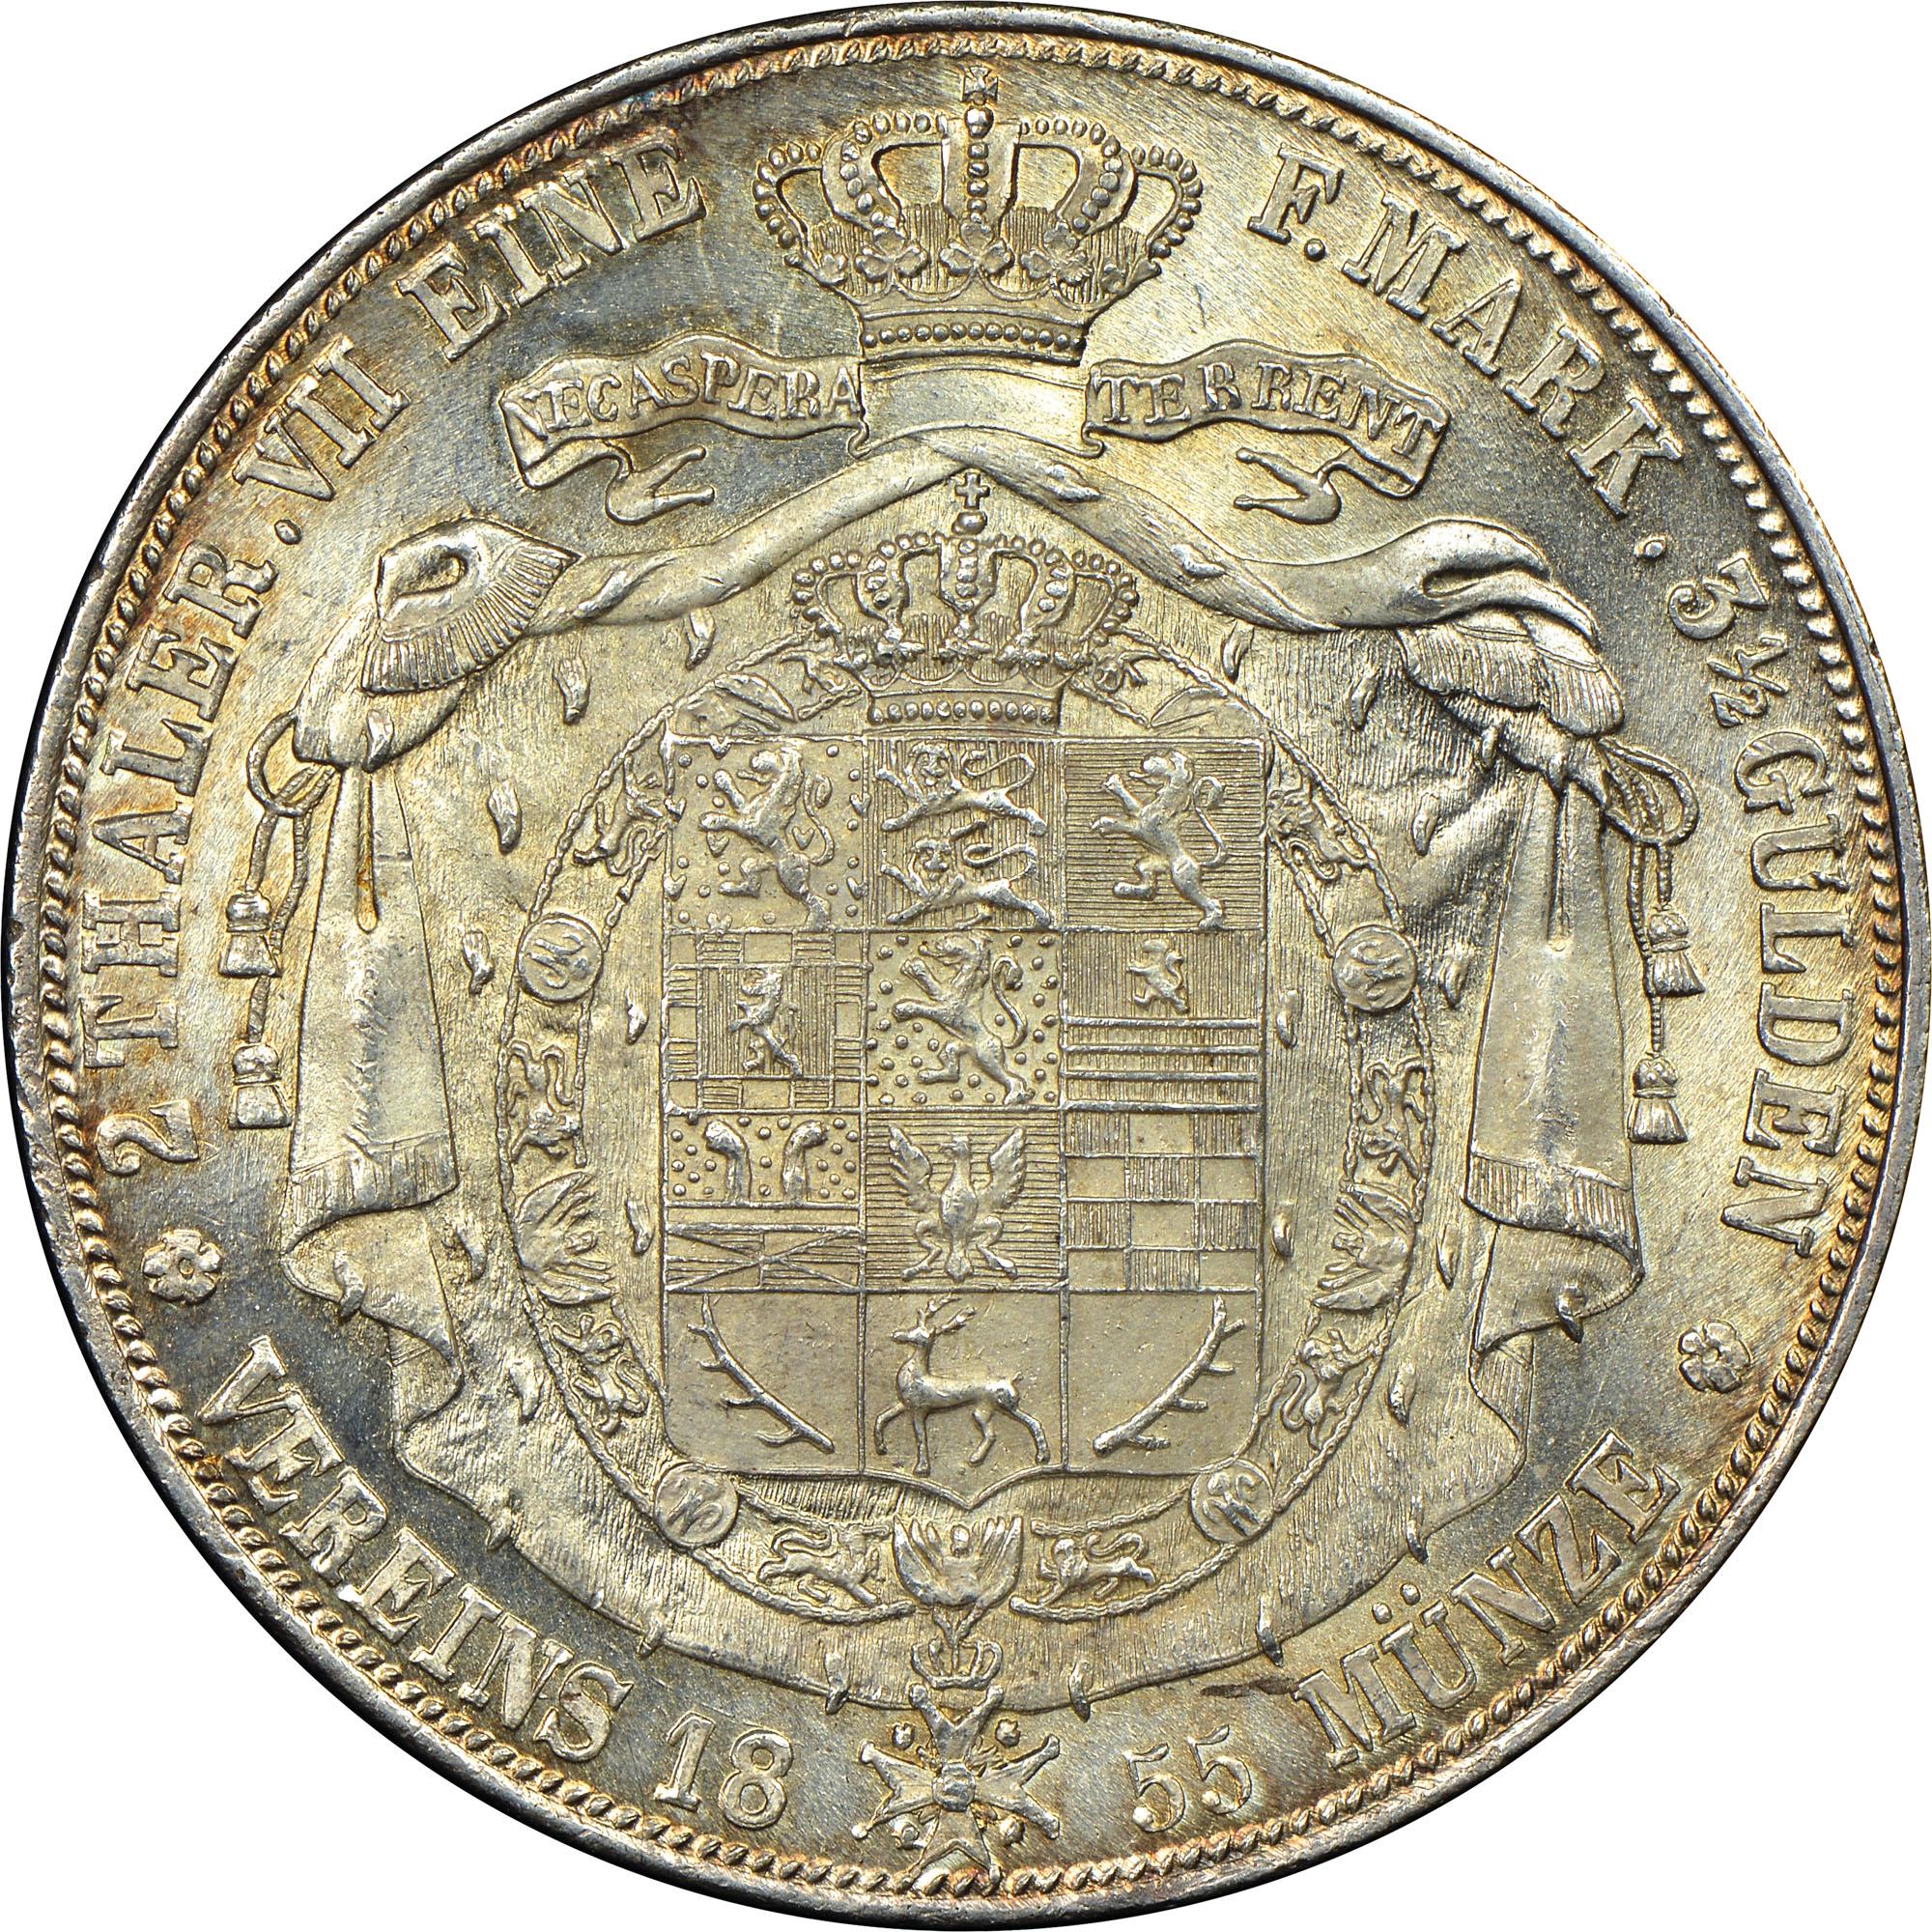 1850-1855 German States BRUNSWICK-WOLFENBUTTEL 2 Thaler, 3 1/2 Gulden reverse